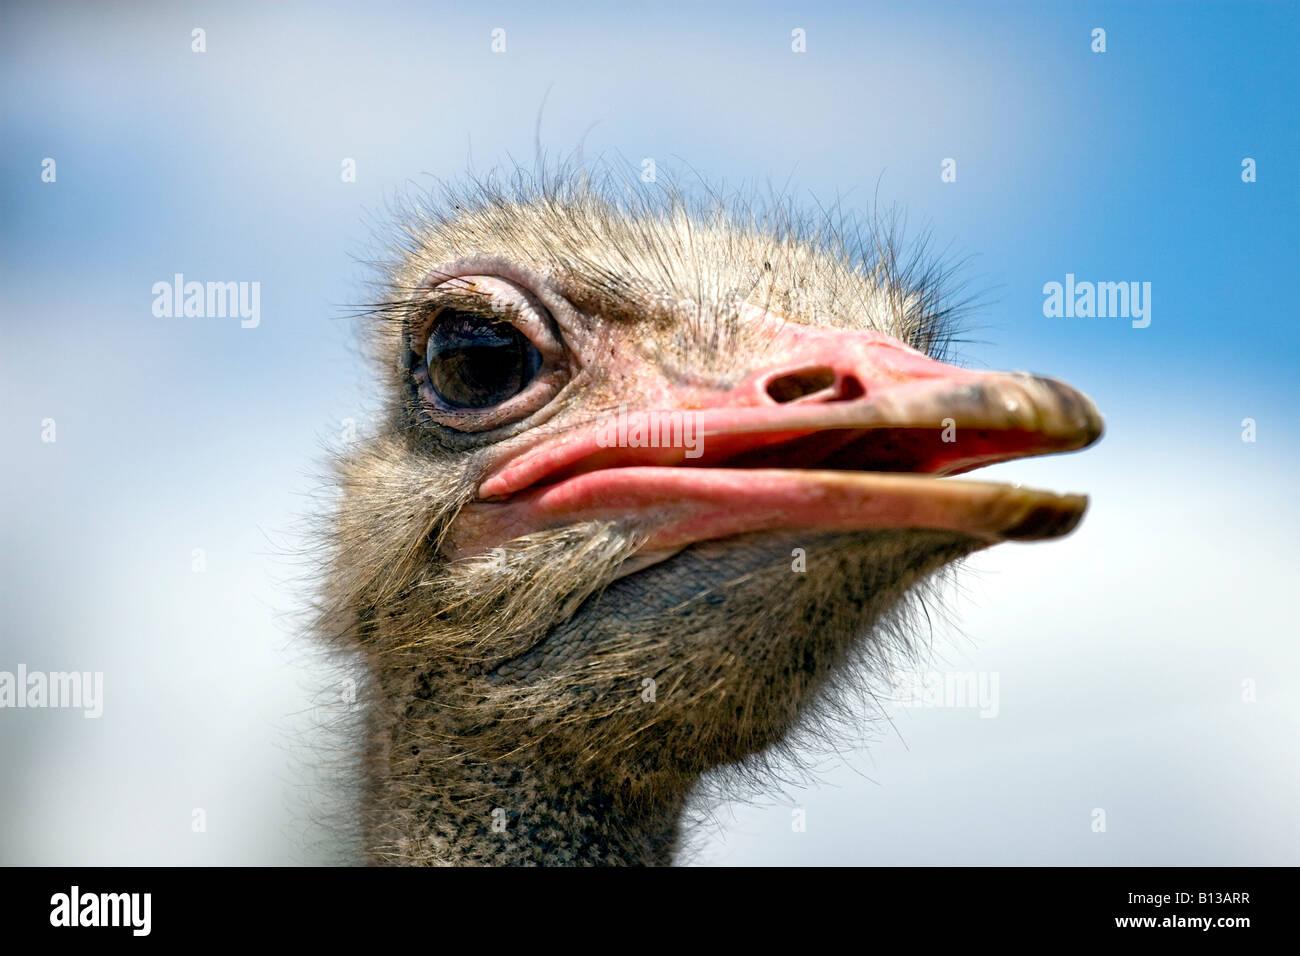 Kiwi egg vs ostrich egg - photo#44